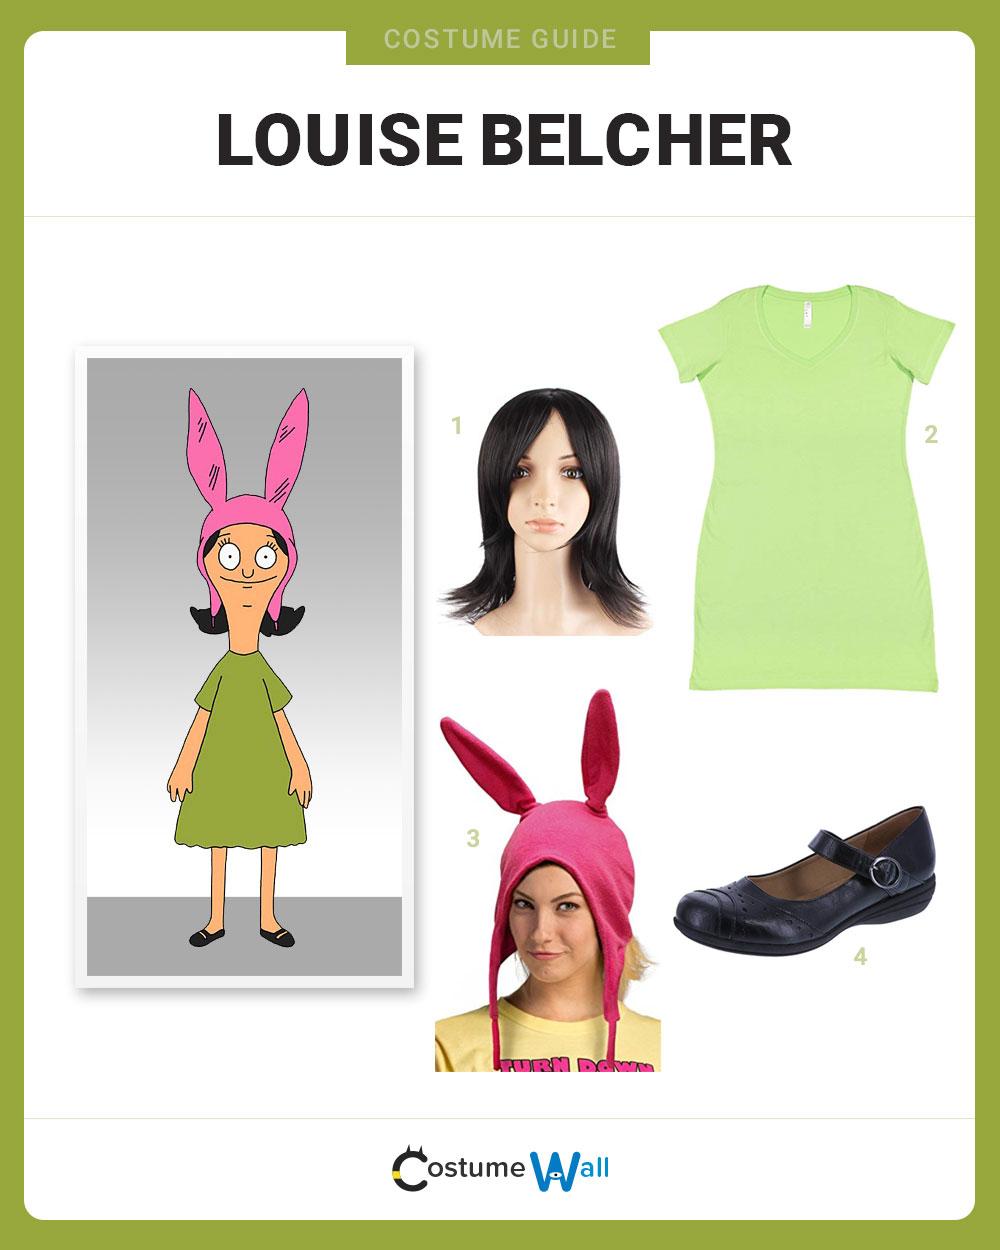 LouiseBelcherCosplayCostume.jpg